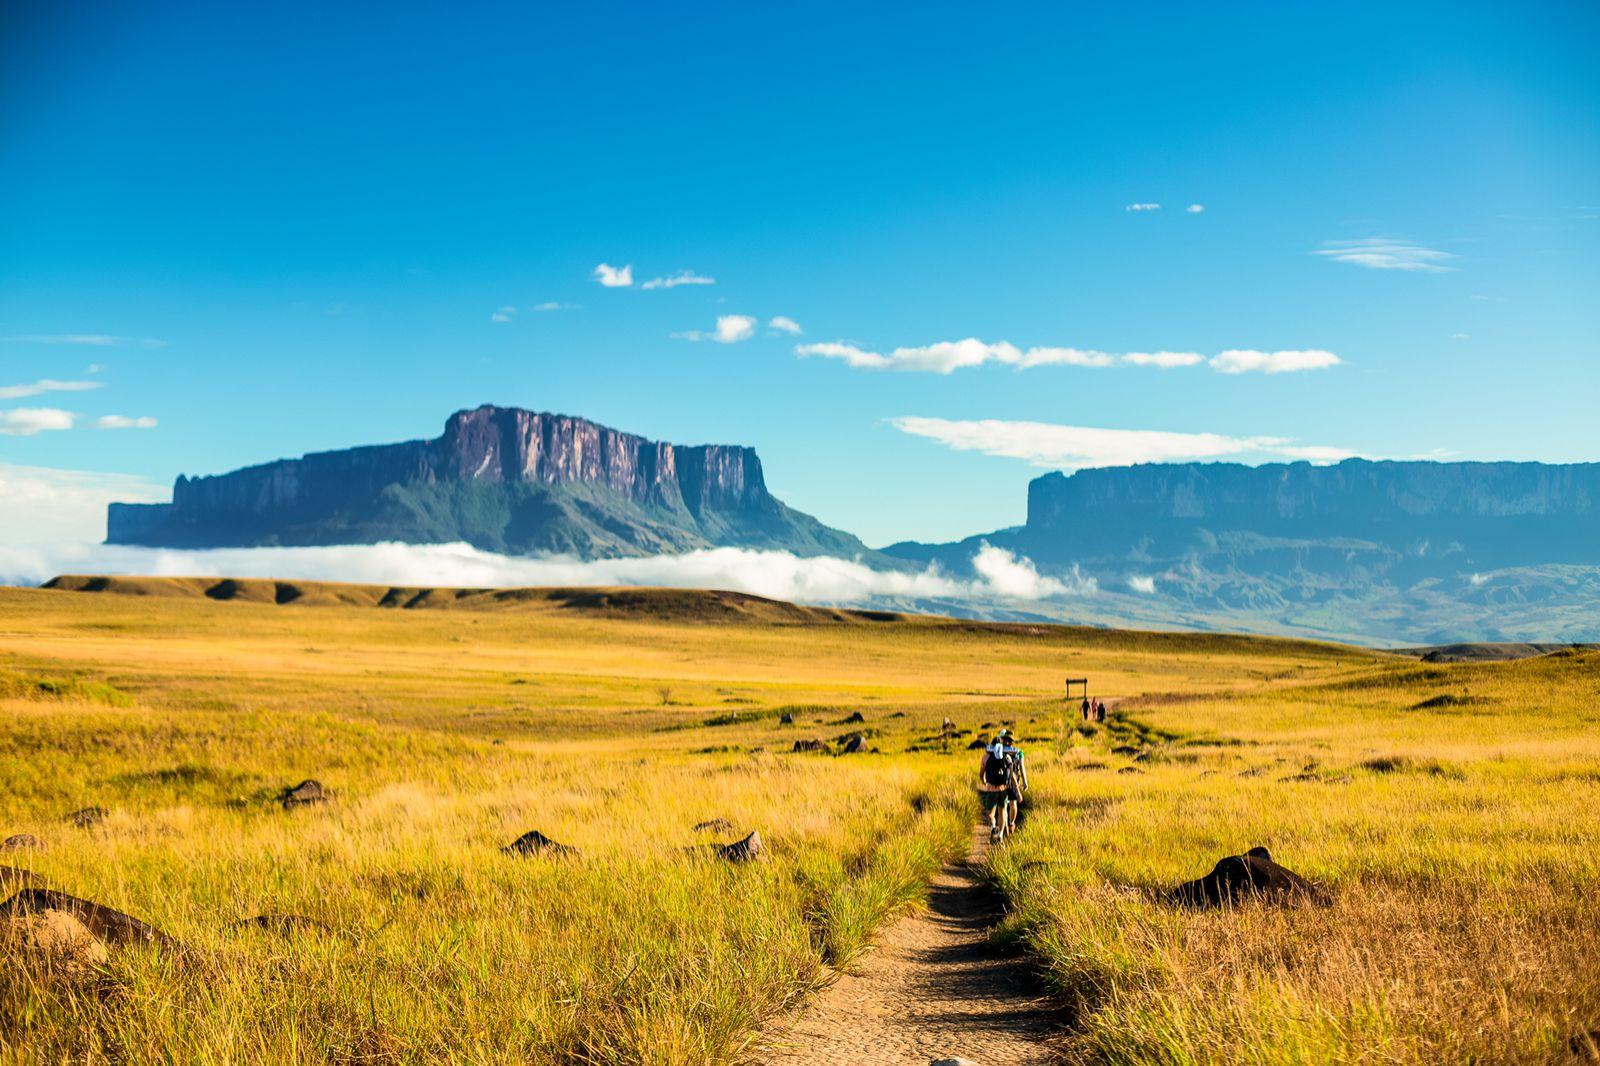 CAB lança edital com vagas remanescentes de curso técnico em Guia de Turismo